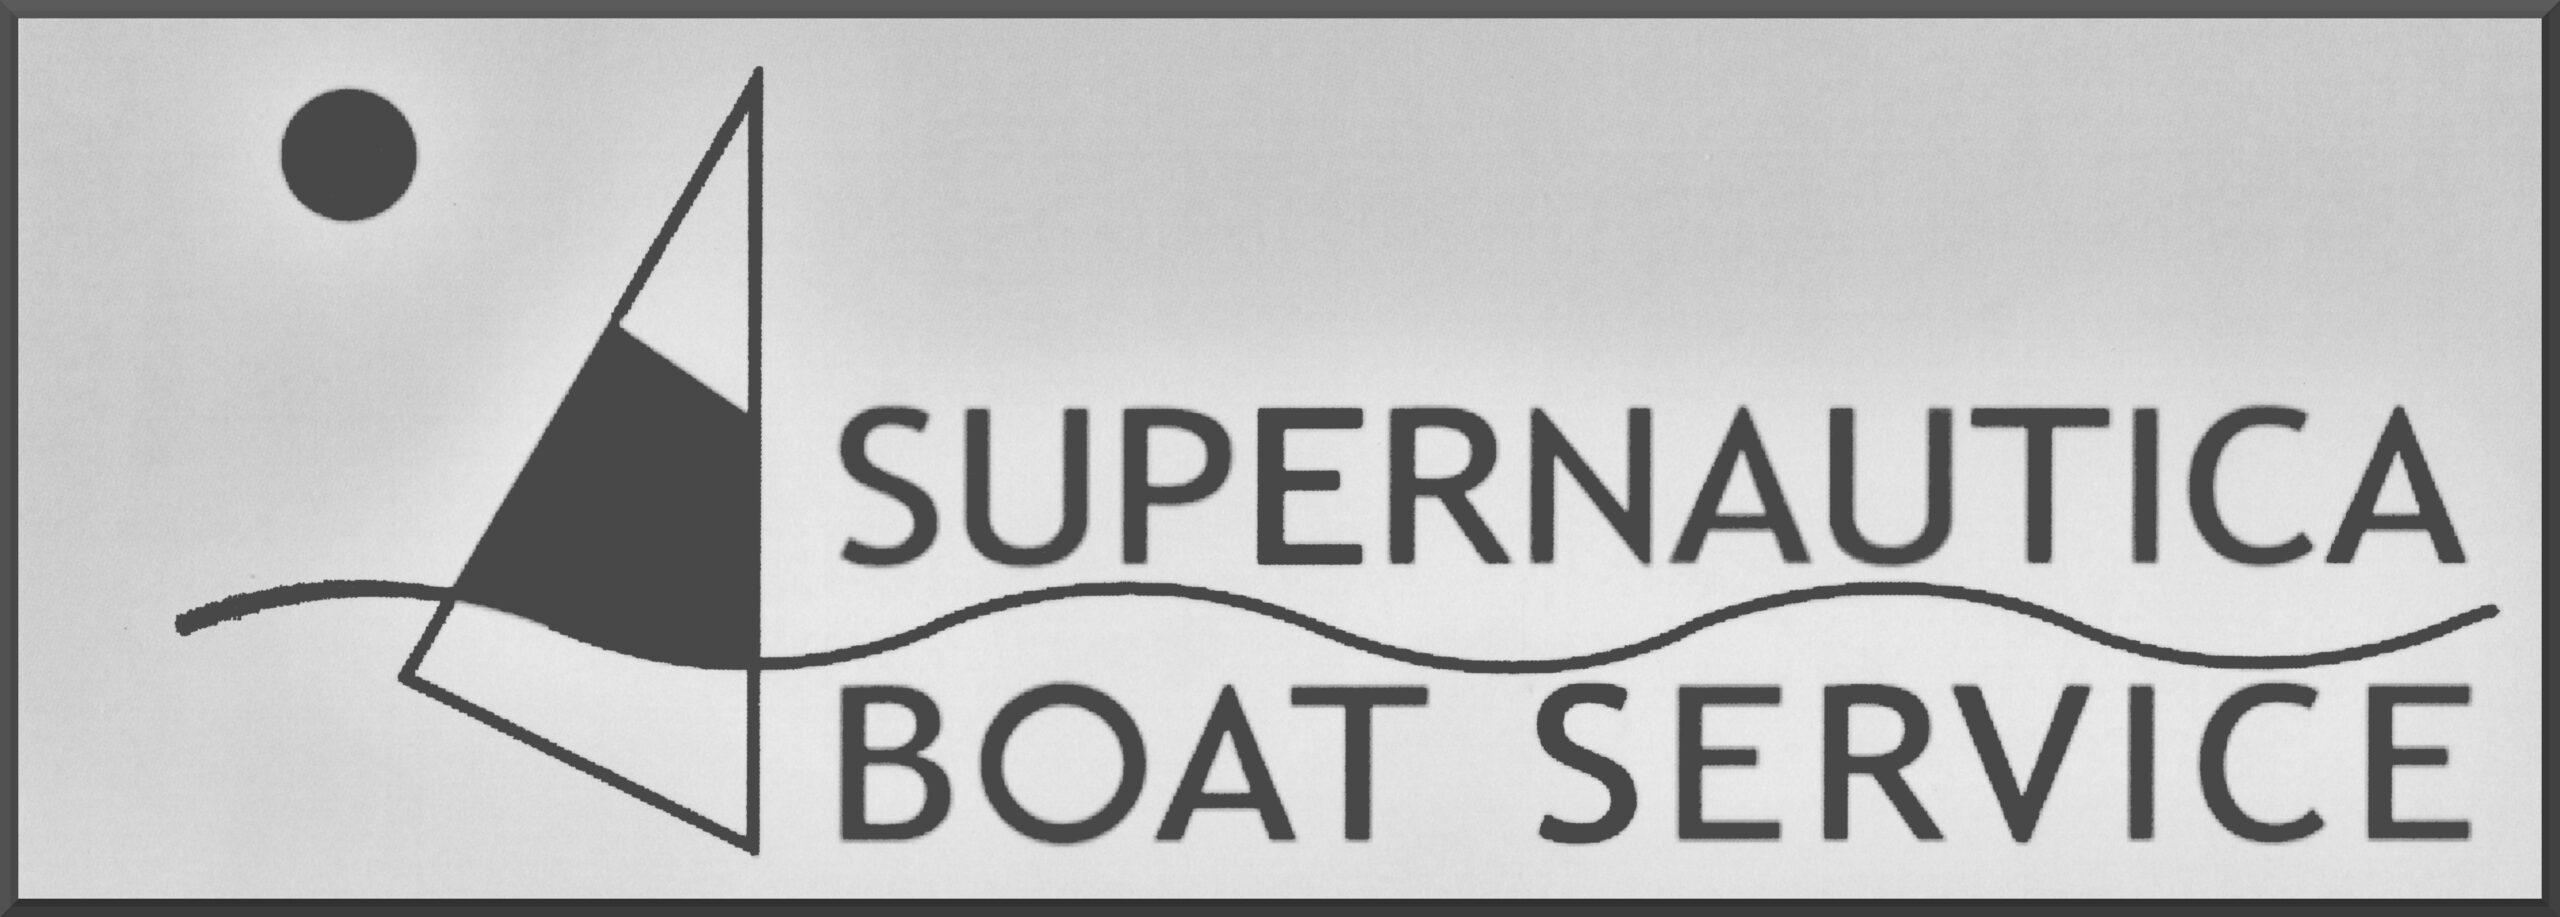 Supernautica boat service